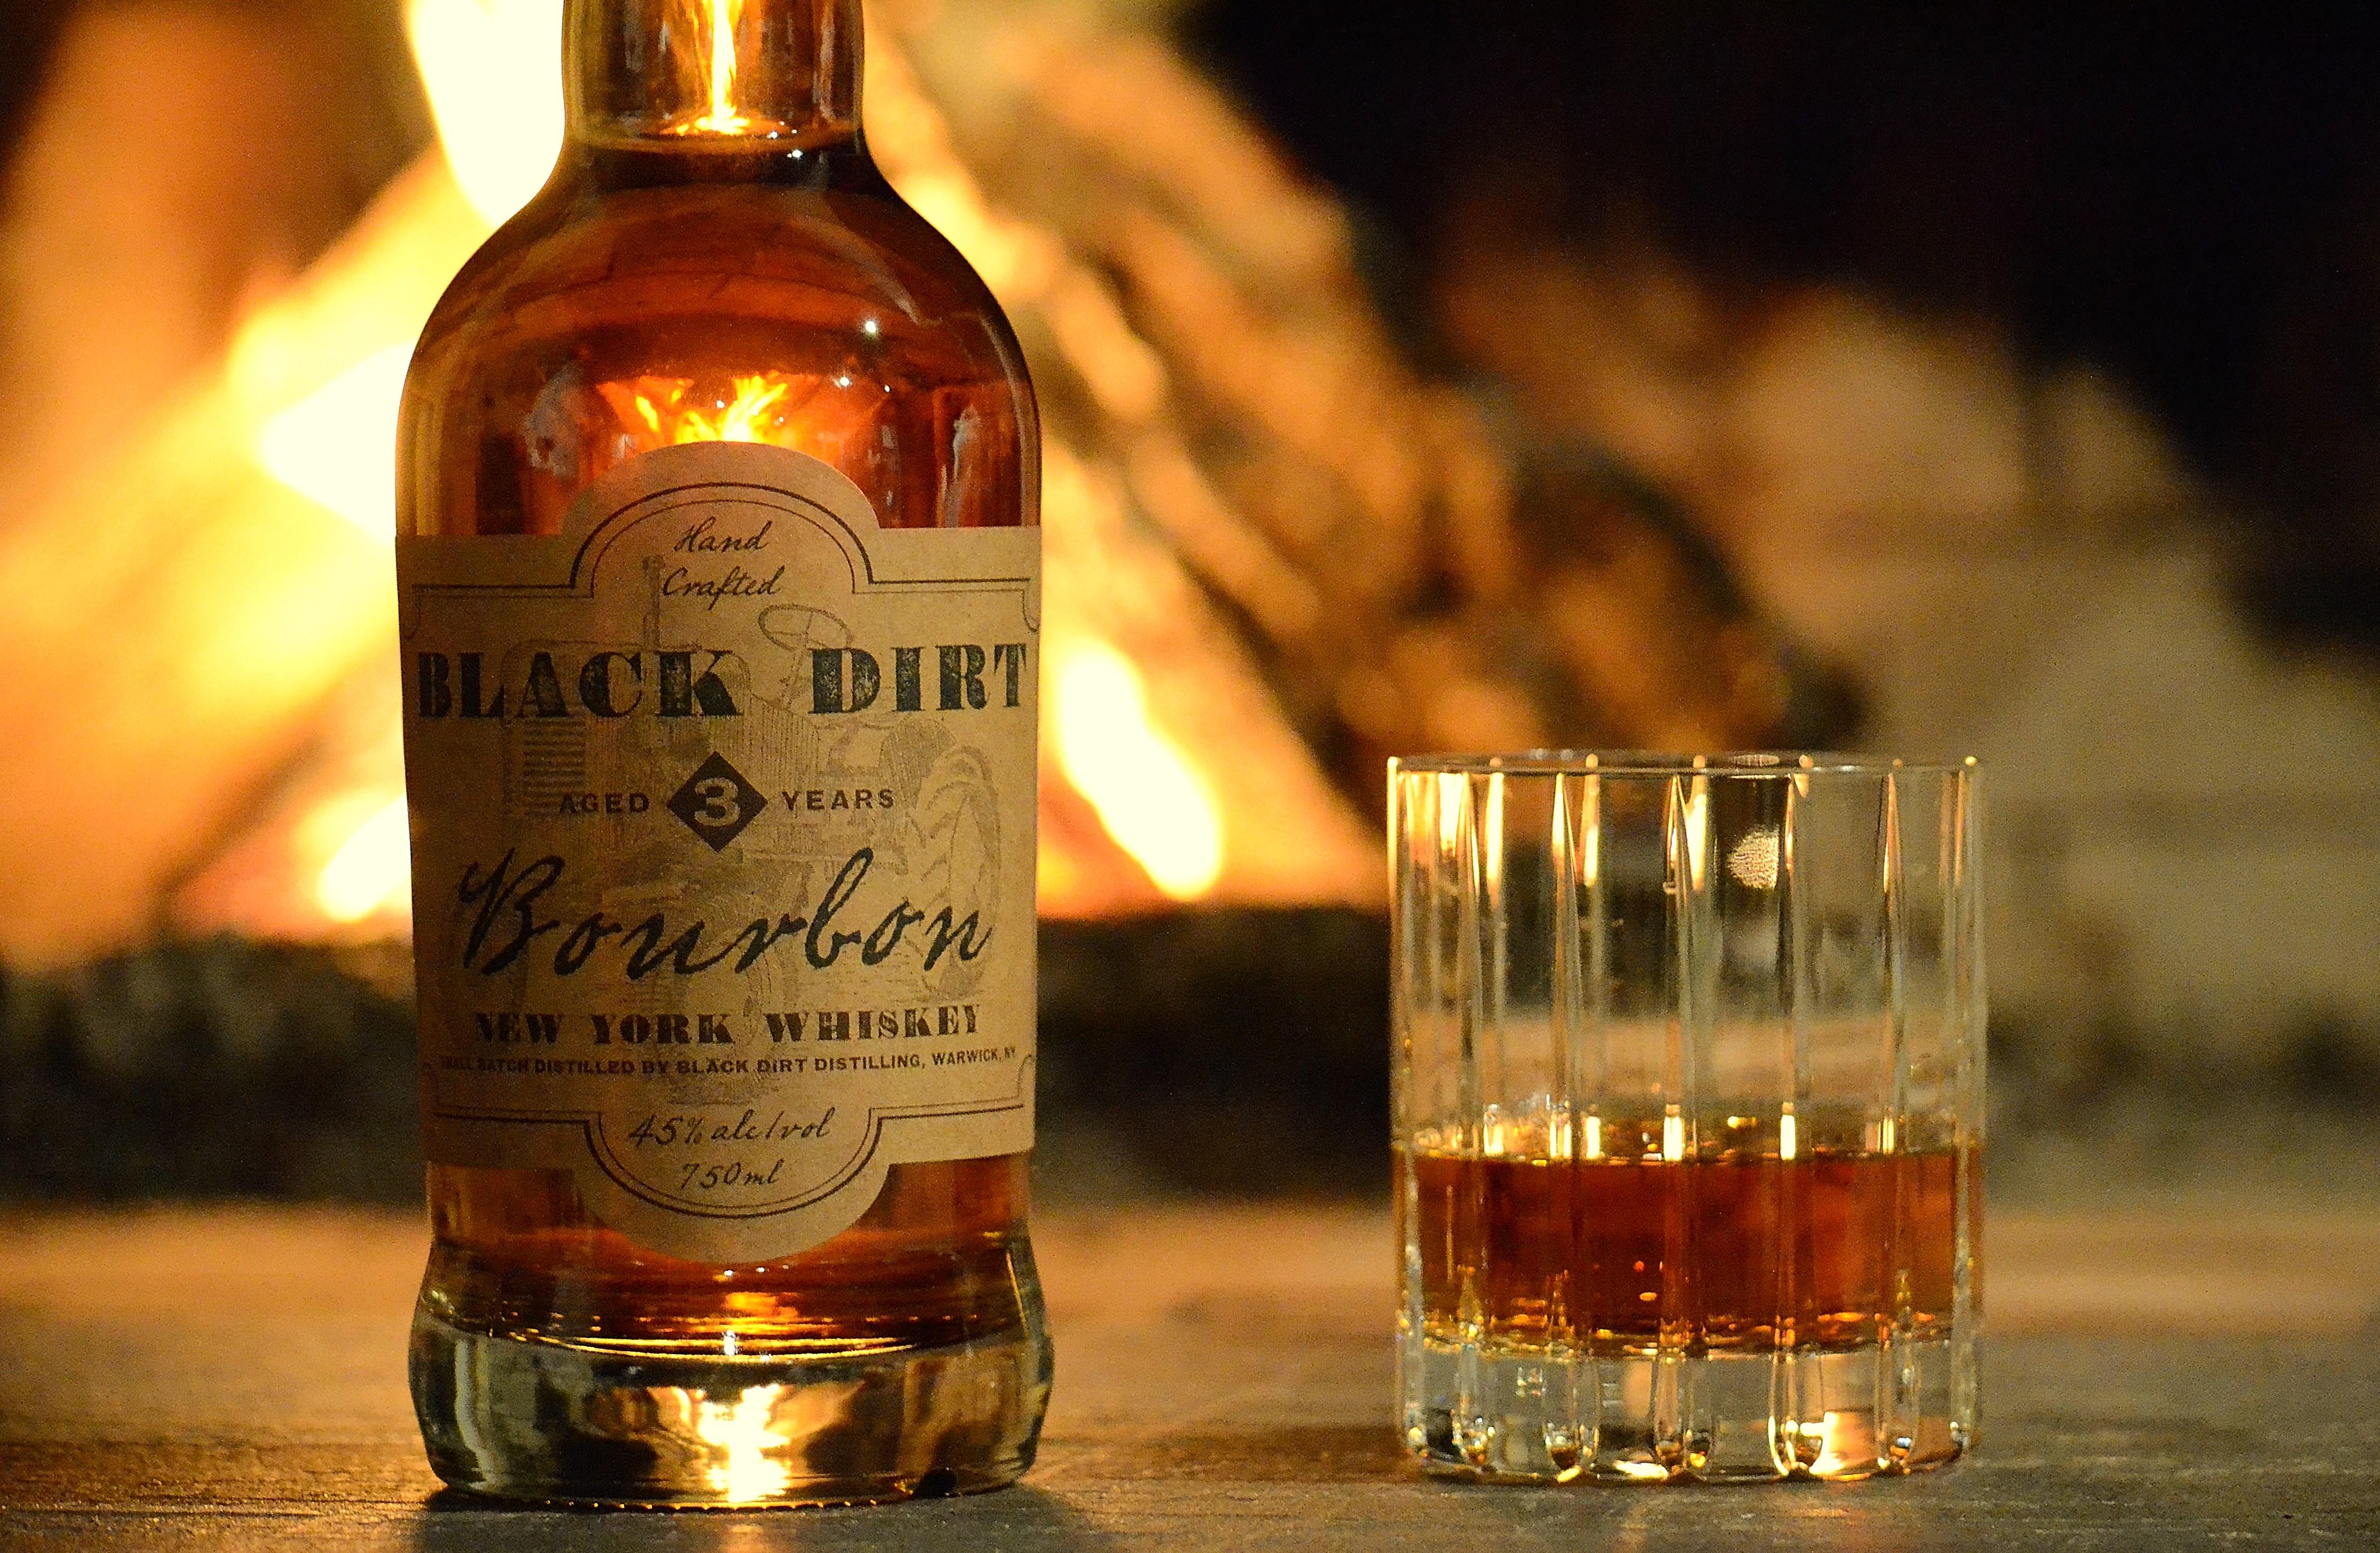 http://www.drinkhacker.com/wp-content/uploads/2015/05/BD-Bourbon-w-fire.jpeg